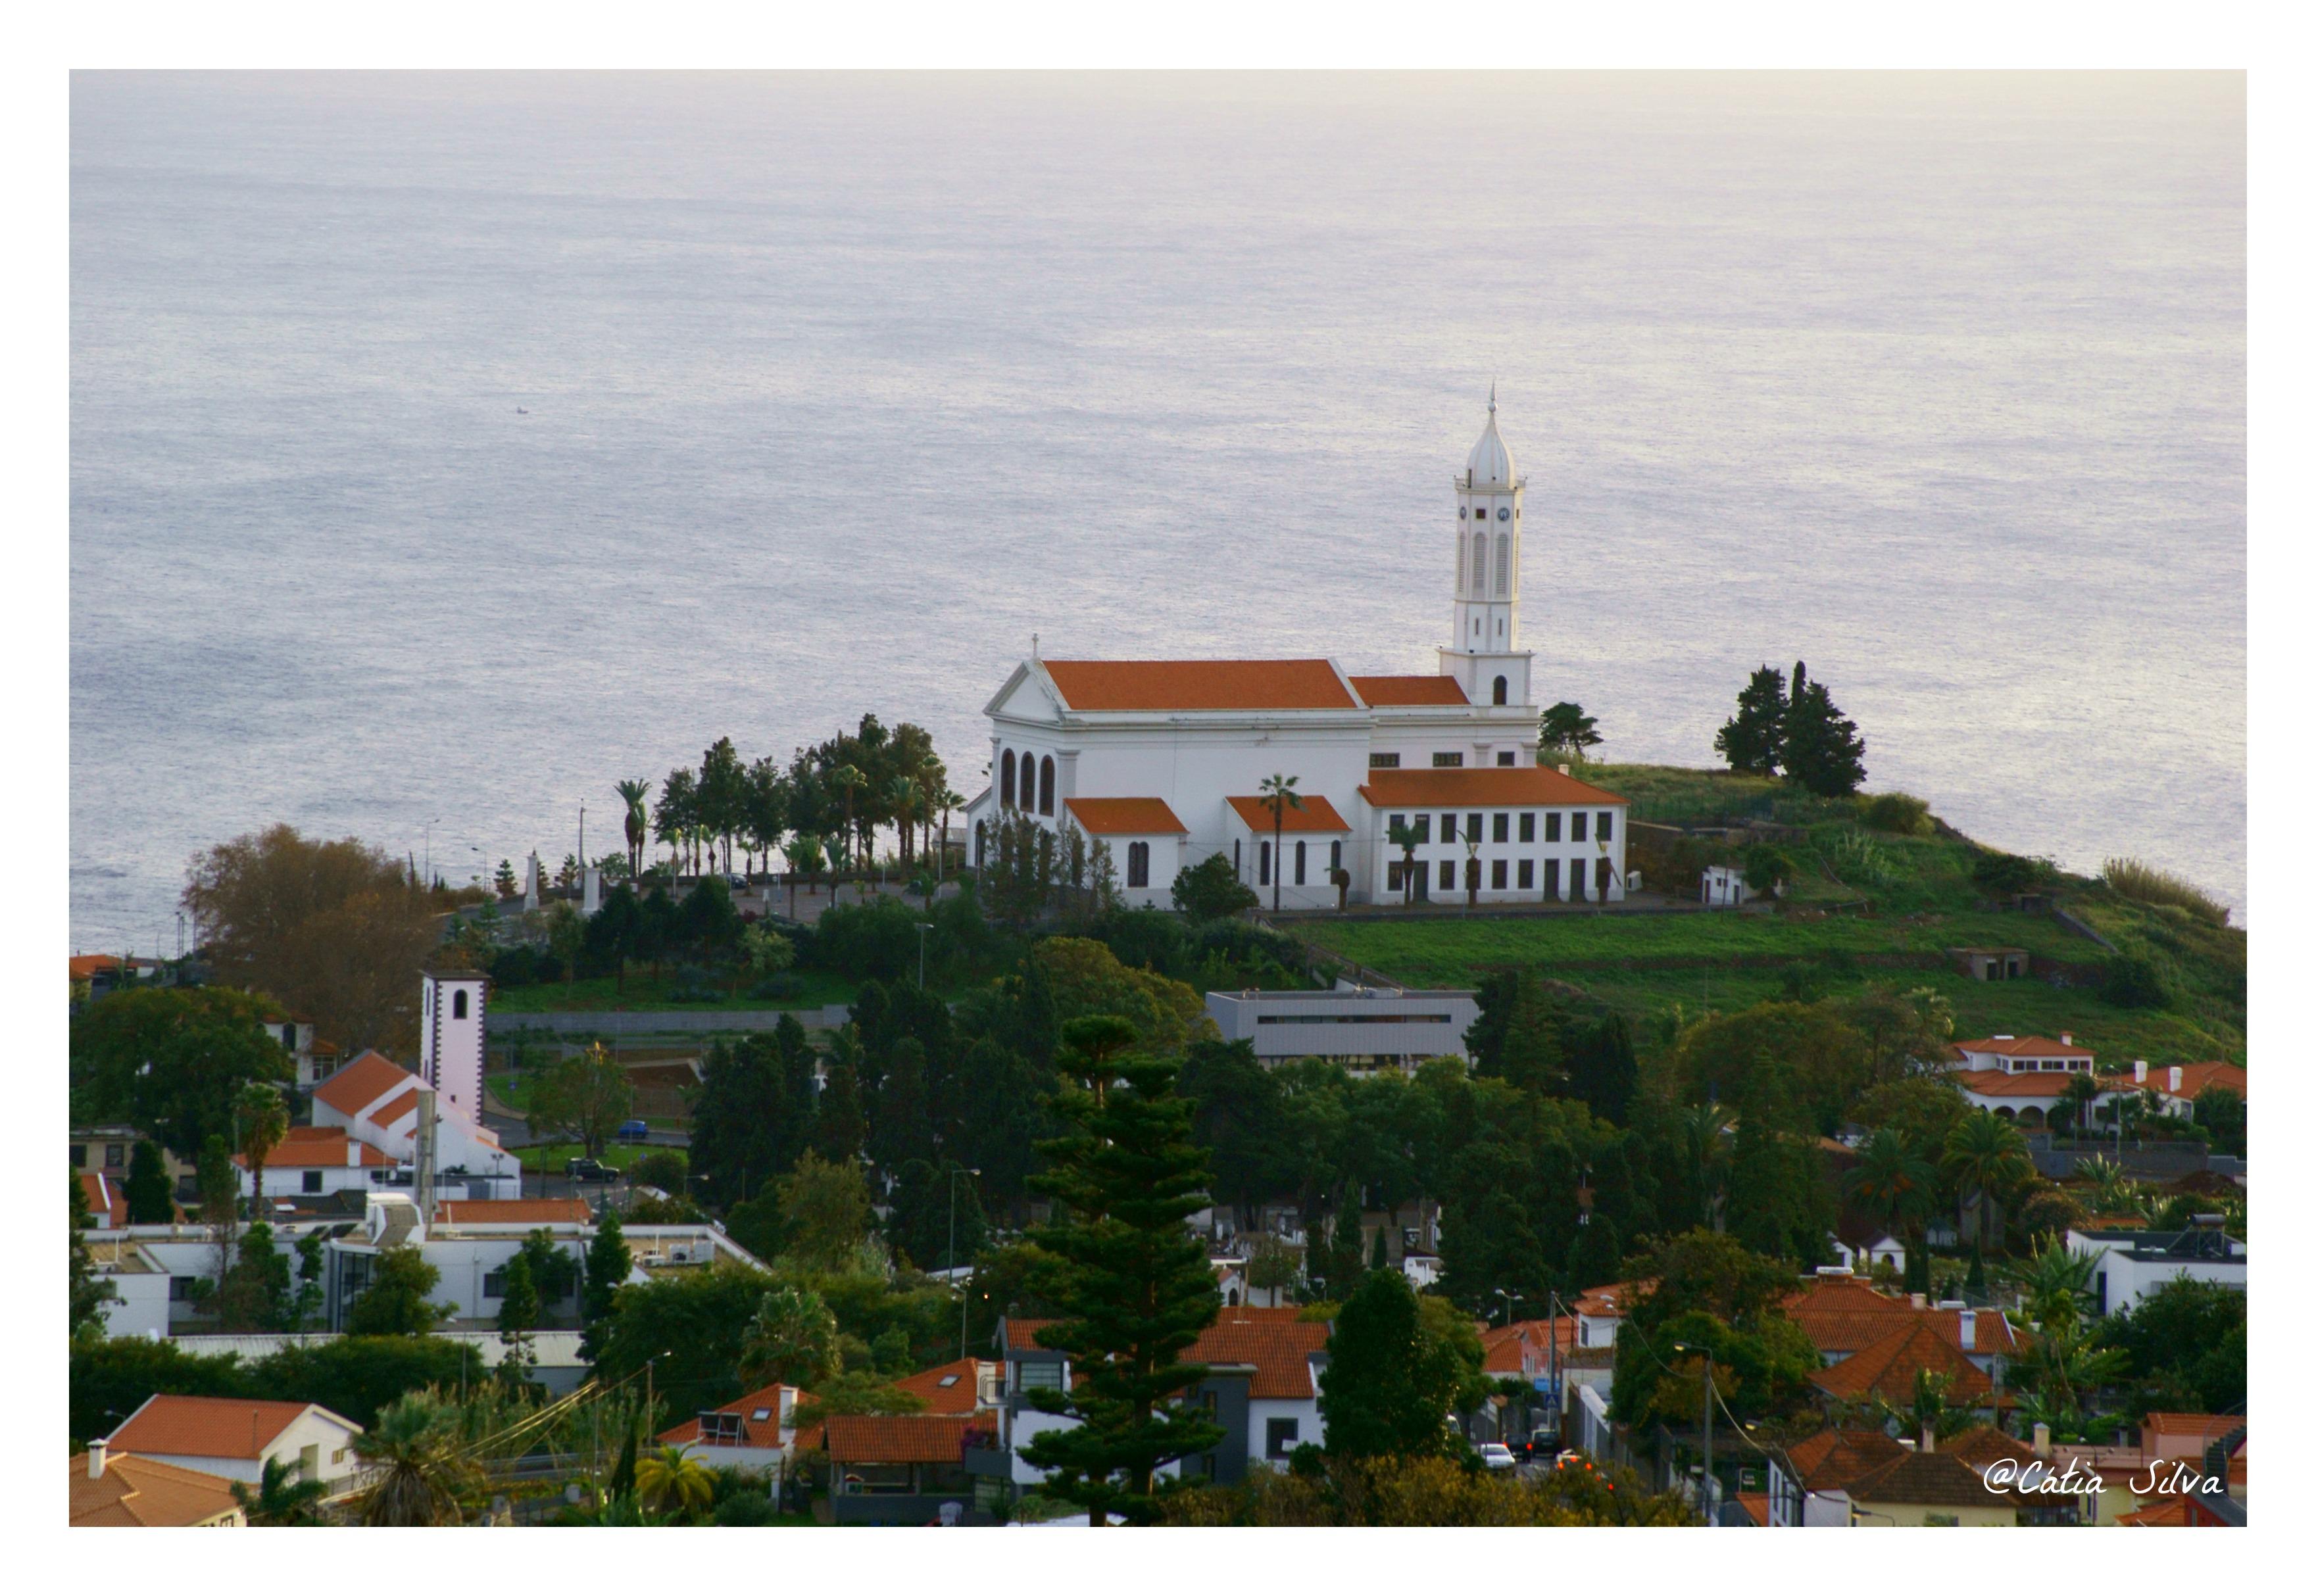 Funchal - Madeira (8)